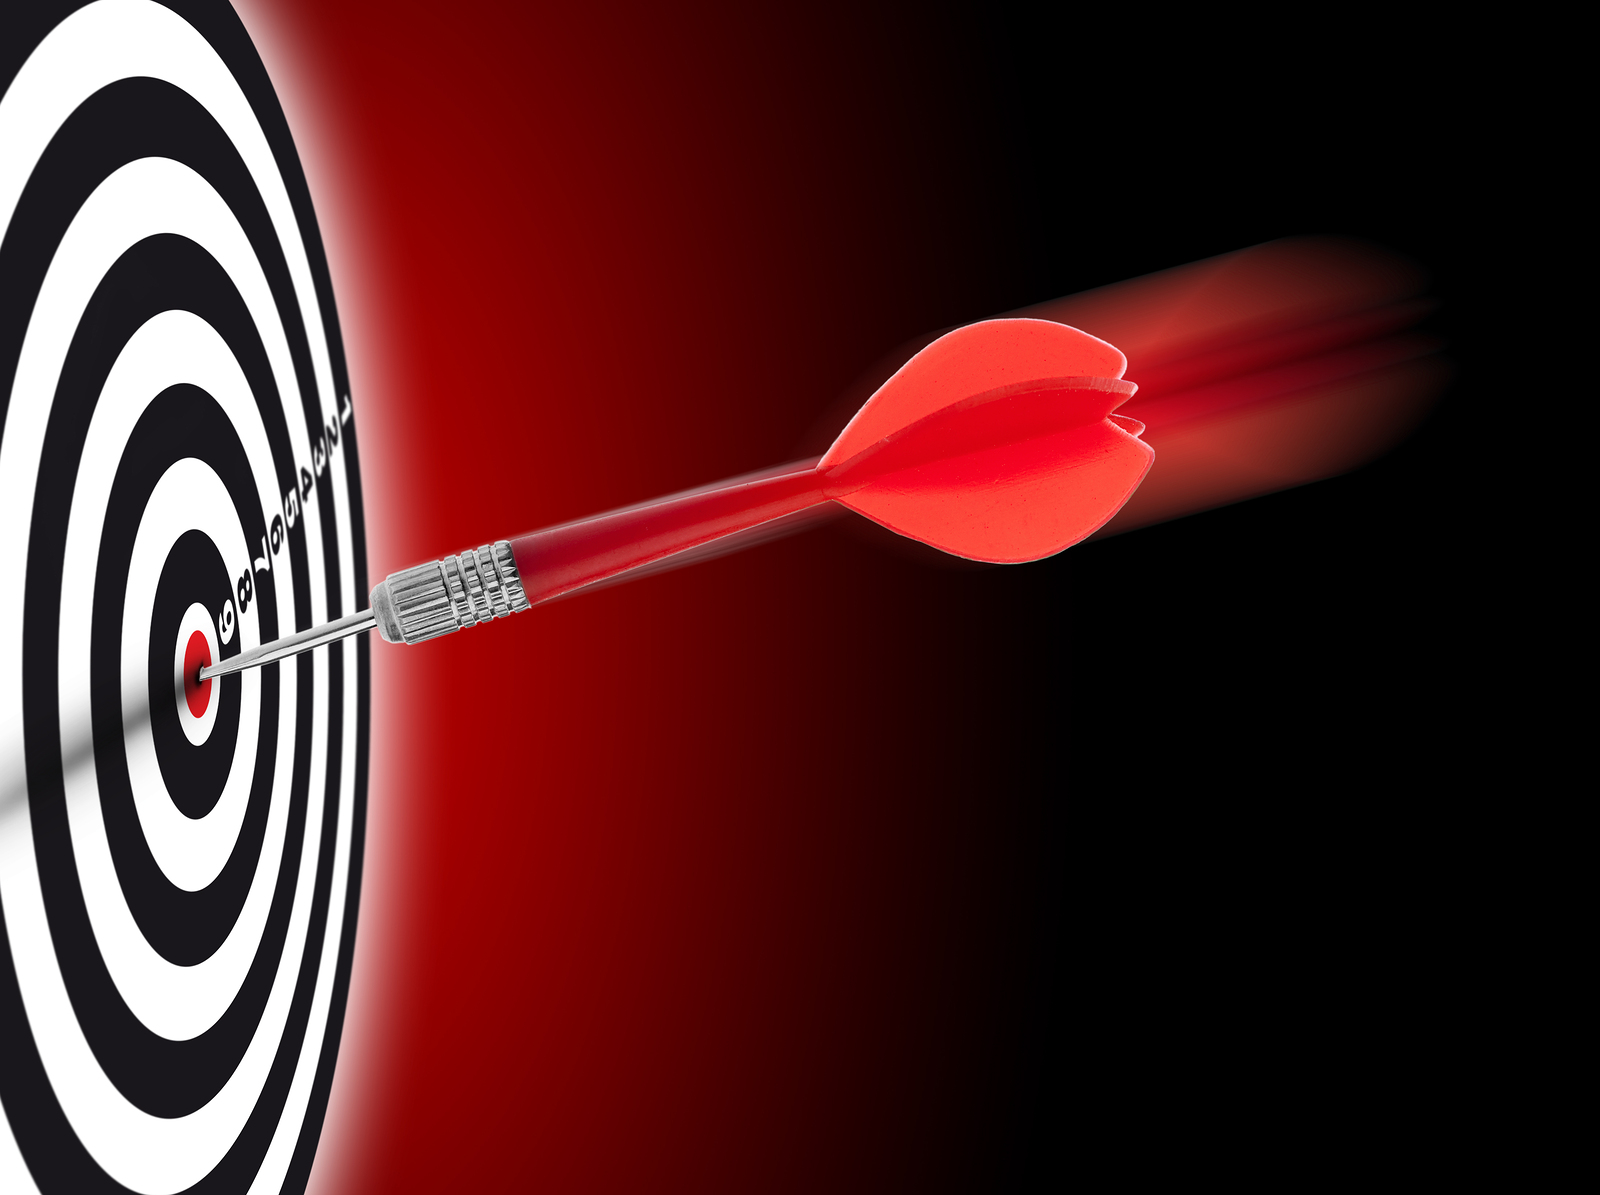 set achievable goals for business